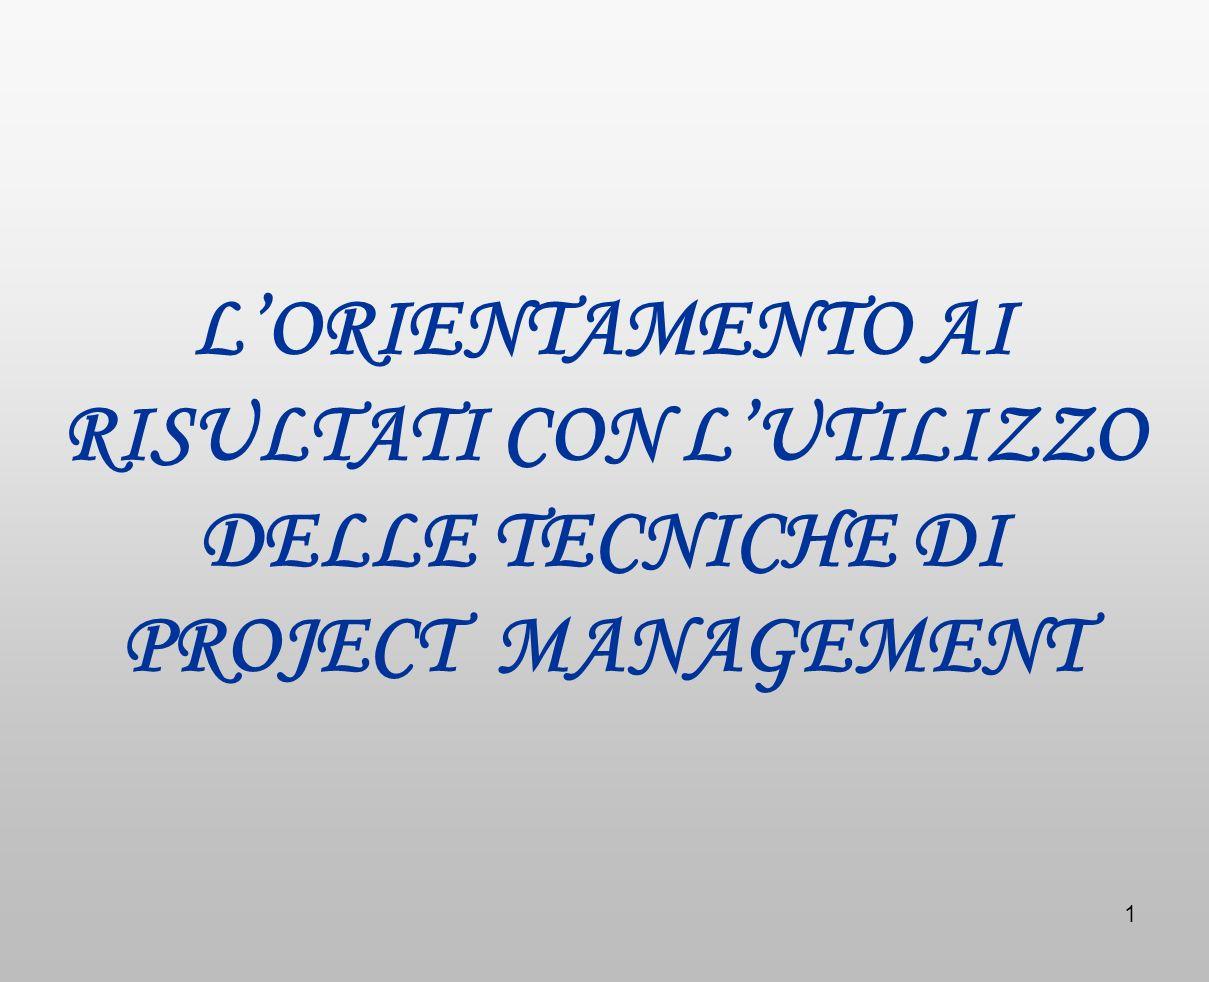 L'ORIENTAMENTO AI RISULTATI CON L'UTILIZZO DELLE TECNICHE DI PROJECT MANAGEMENT